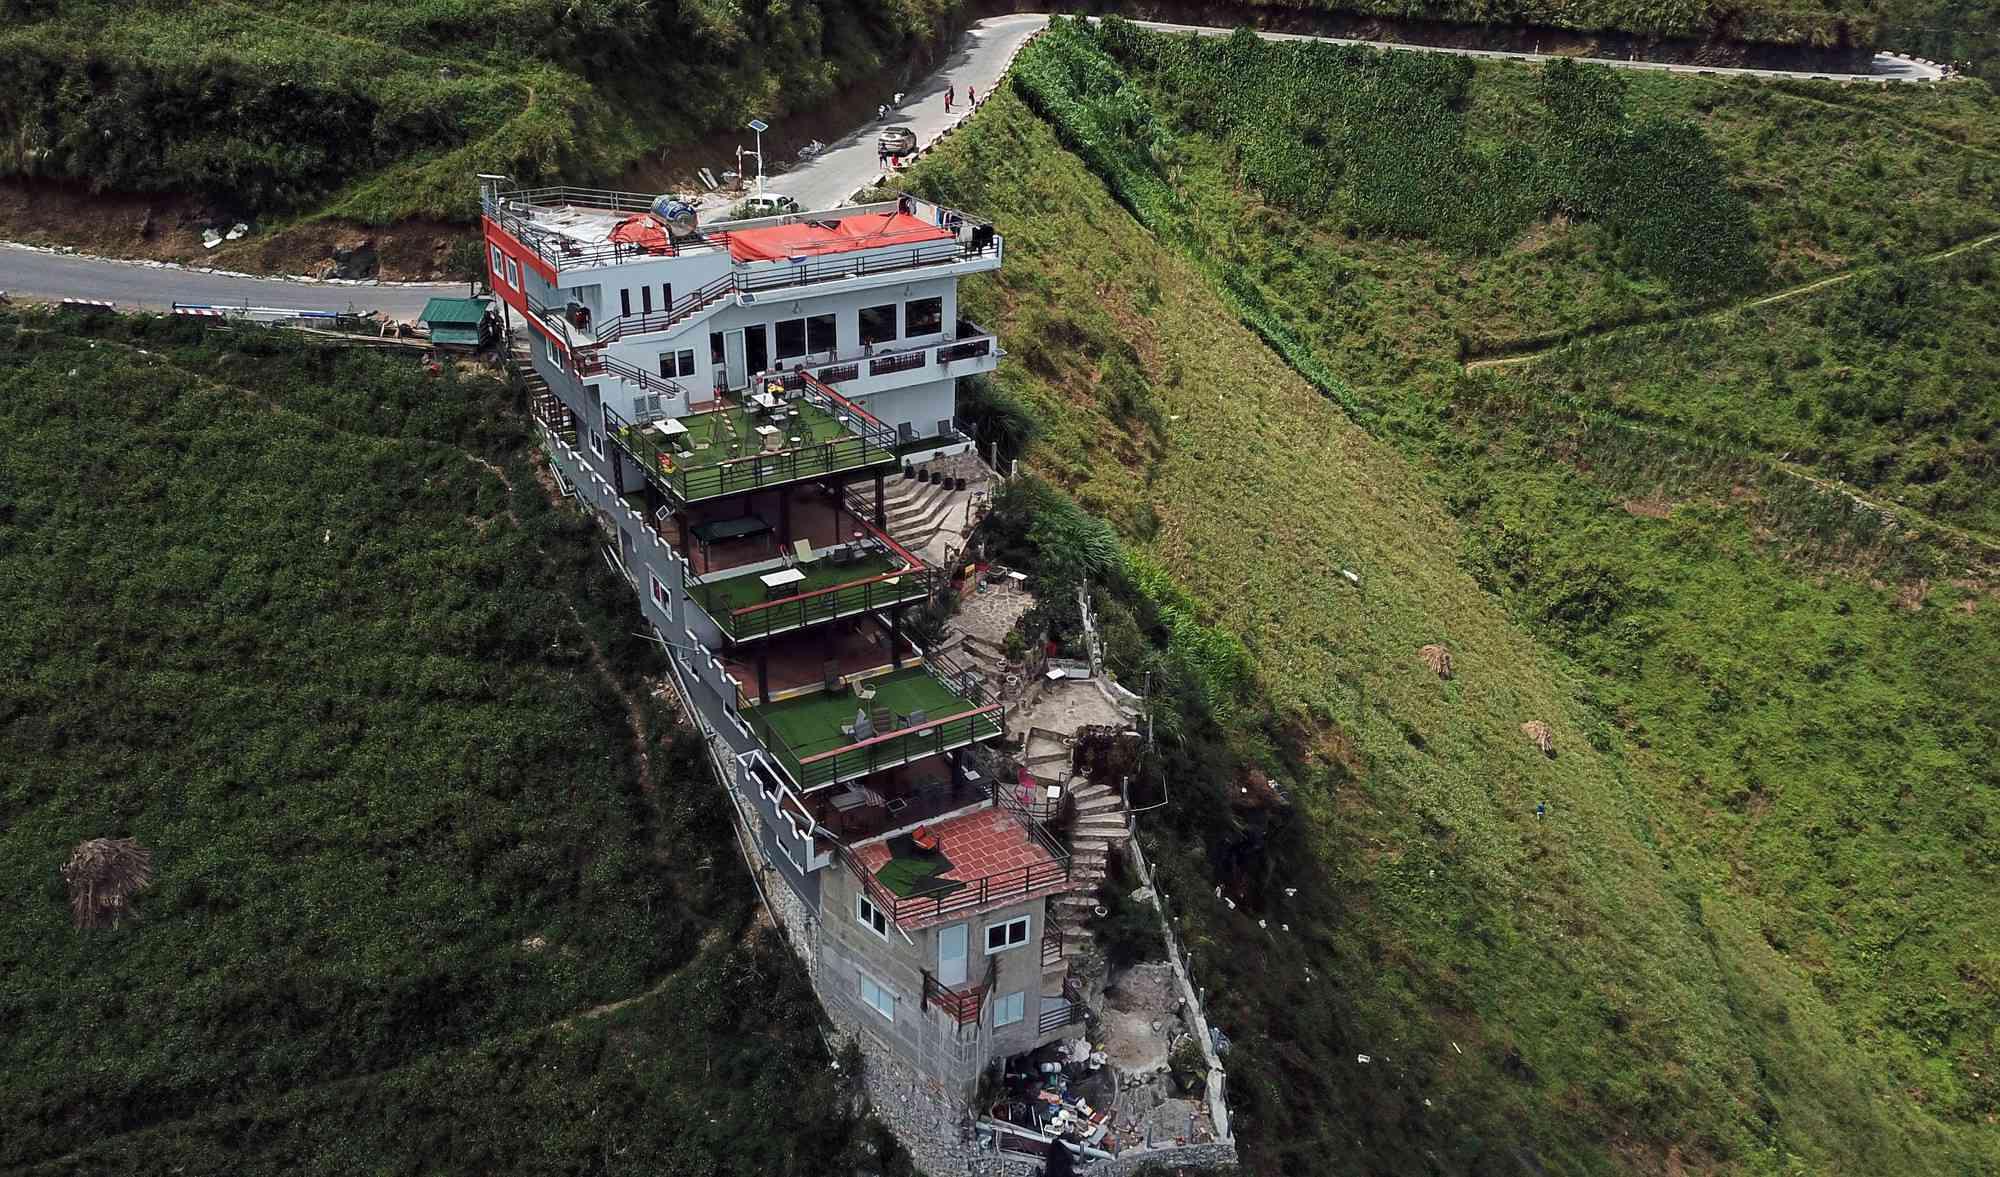 Đề xuất phá dỡ 7 tầng nổi công trình Panorama sai phạm ở đèo Mã Pí Lèng - 1